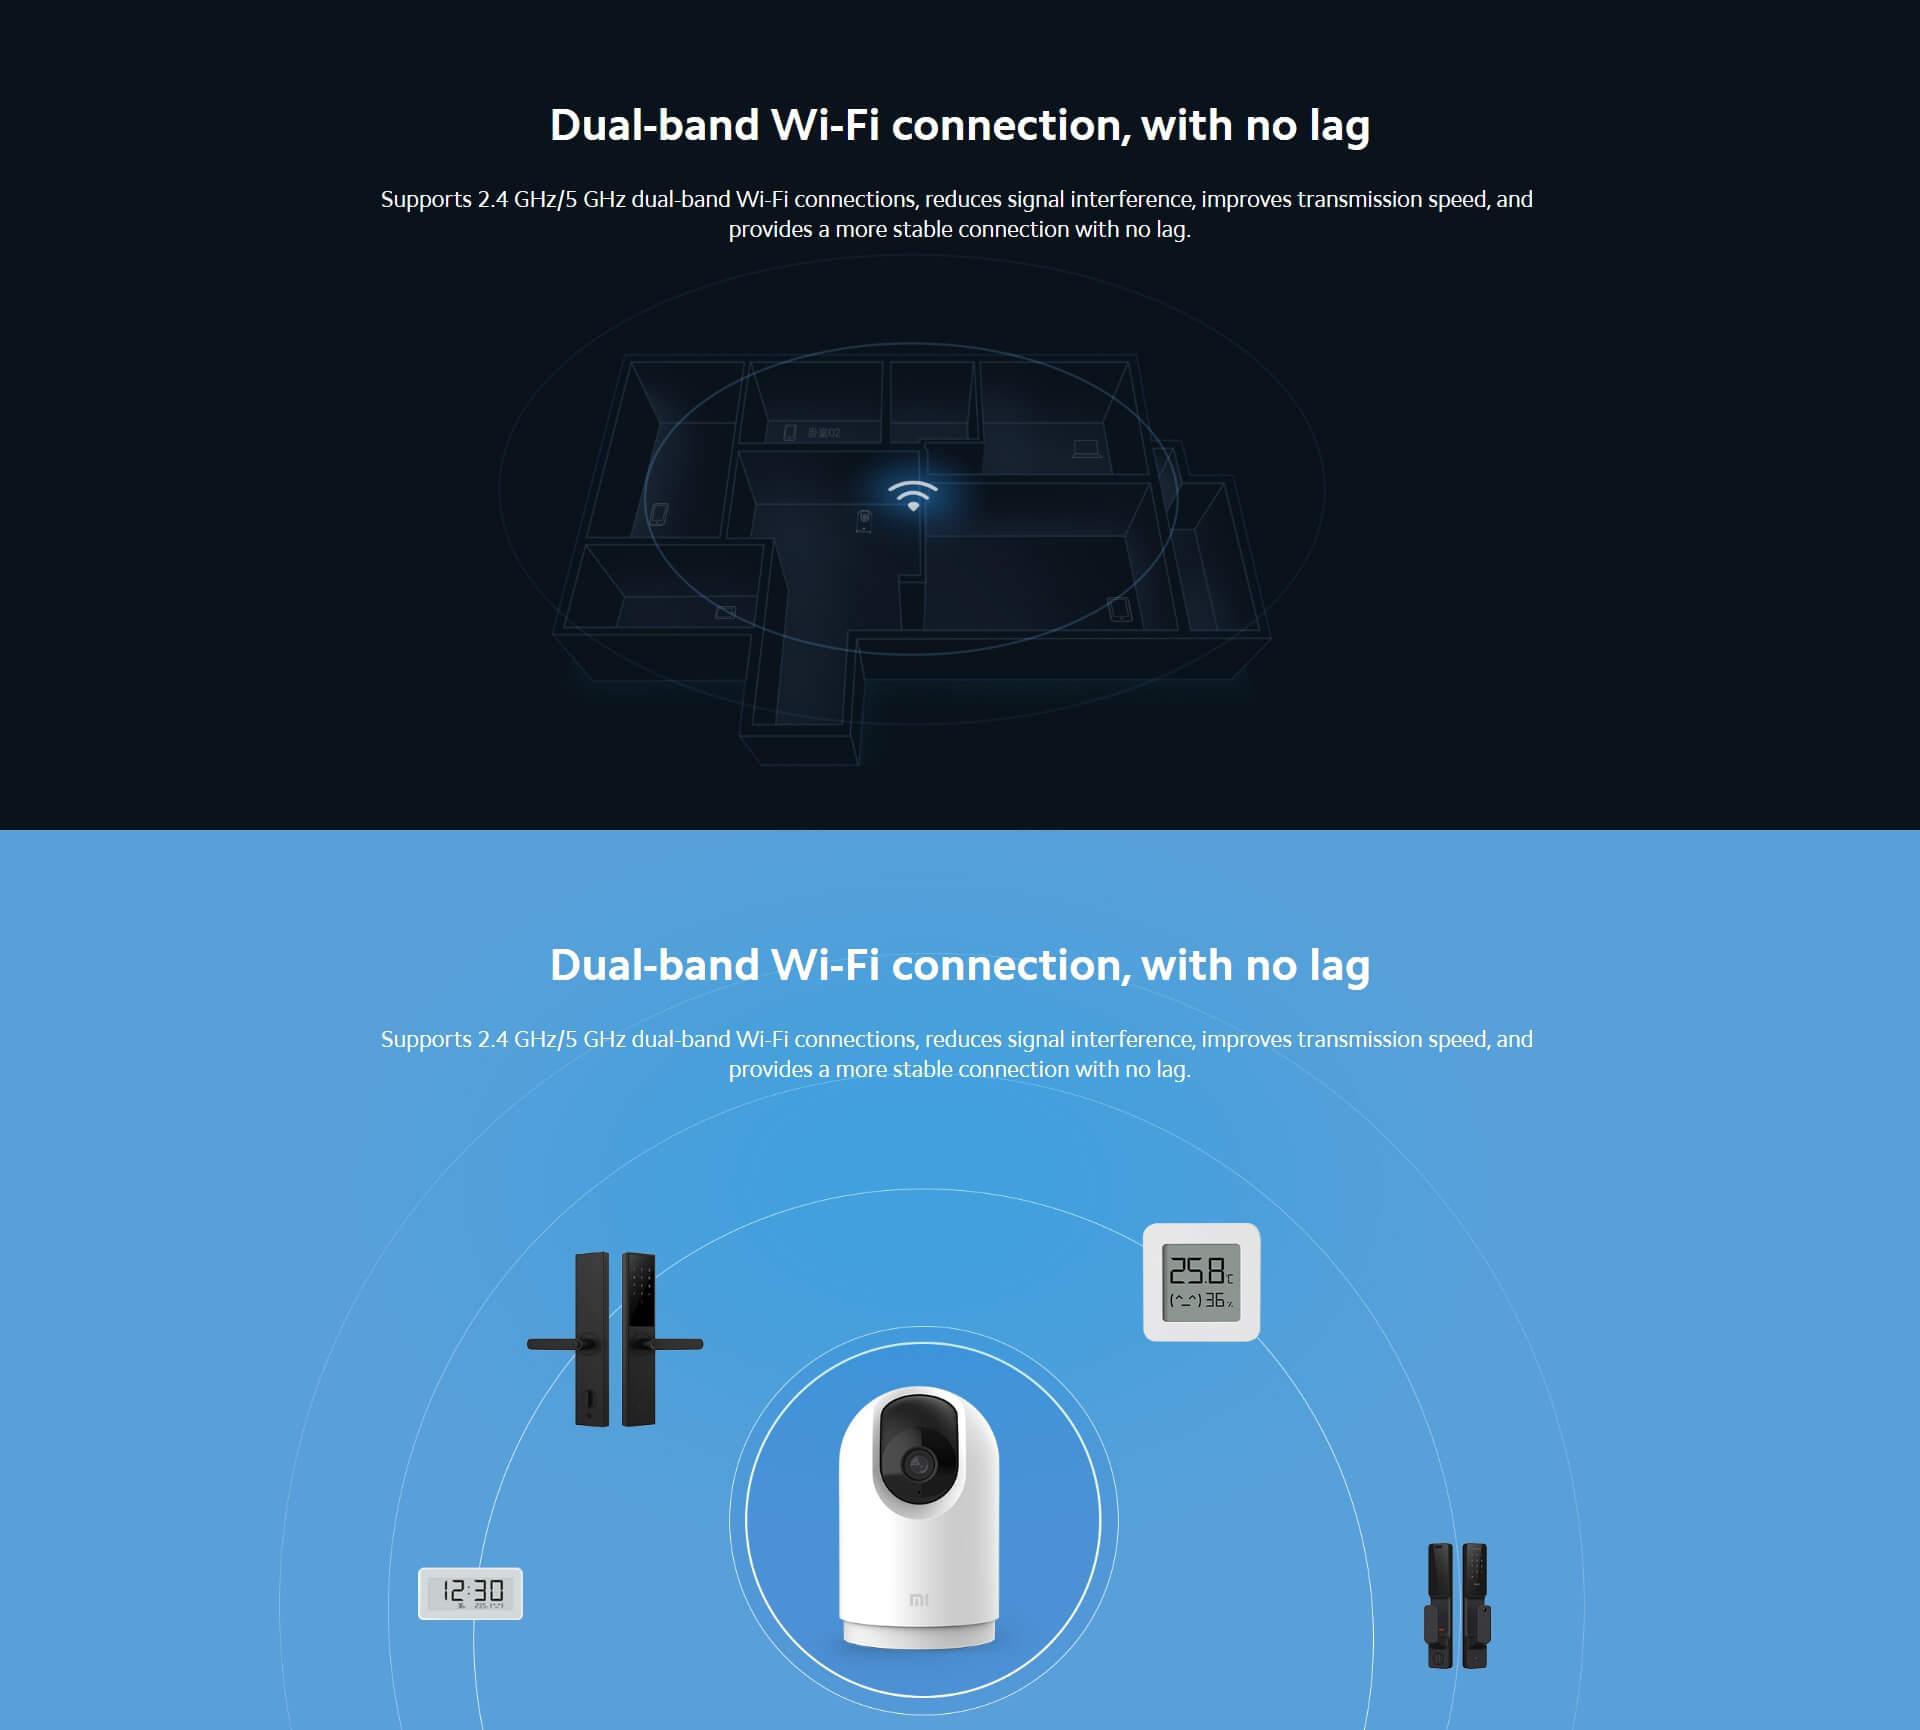 Mi 360 Home Security Camera 2k Pro 5